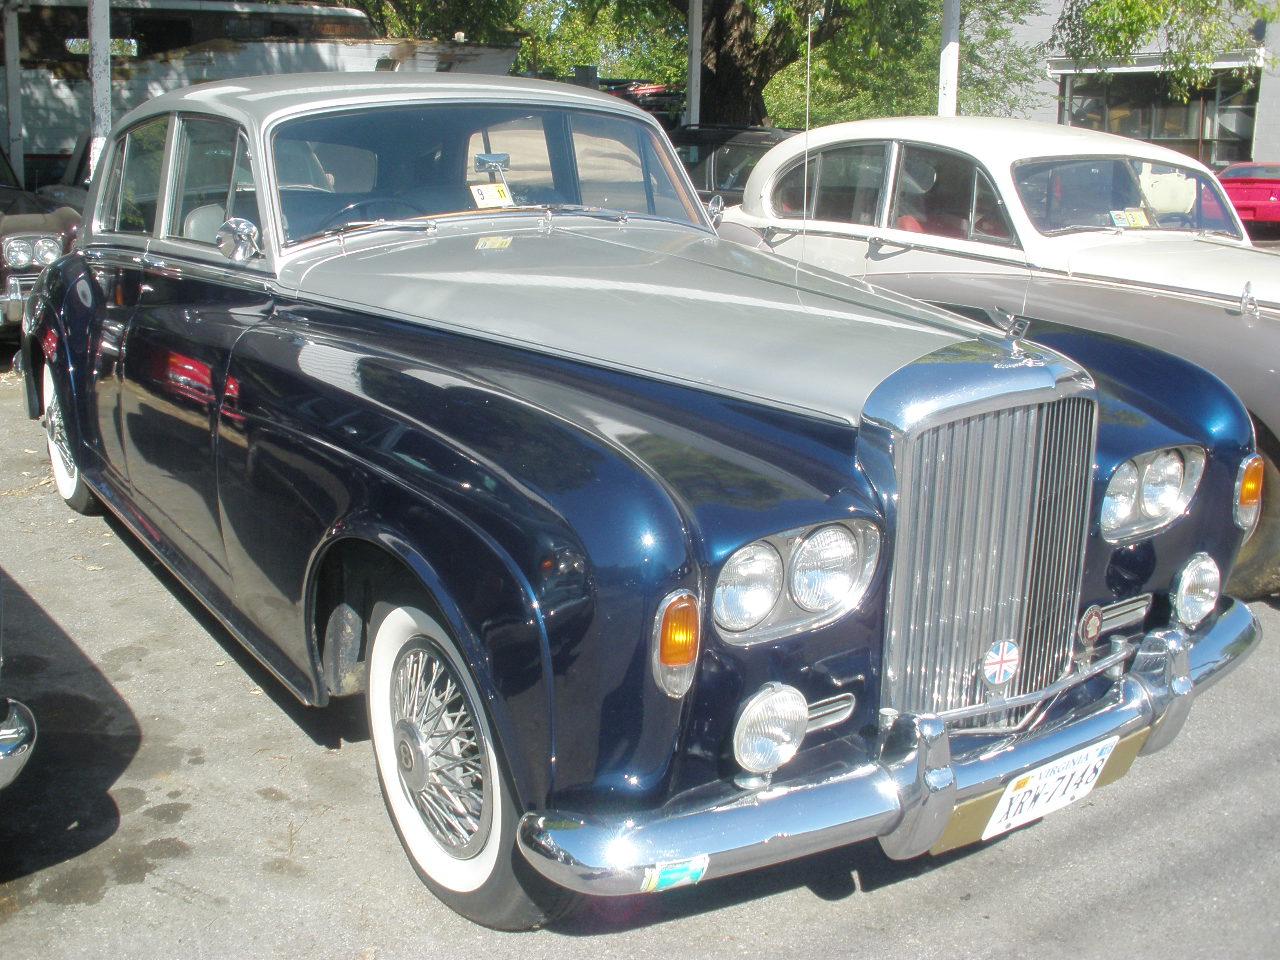 1964 Bentley S3 SOLD » 1964 Bentley S3 SOLD